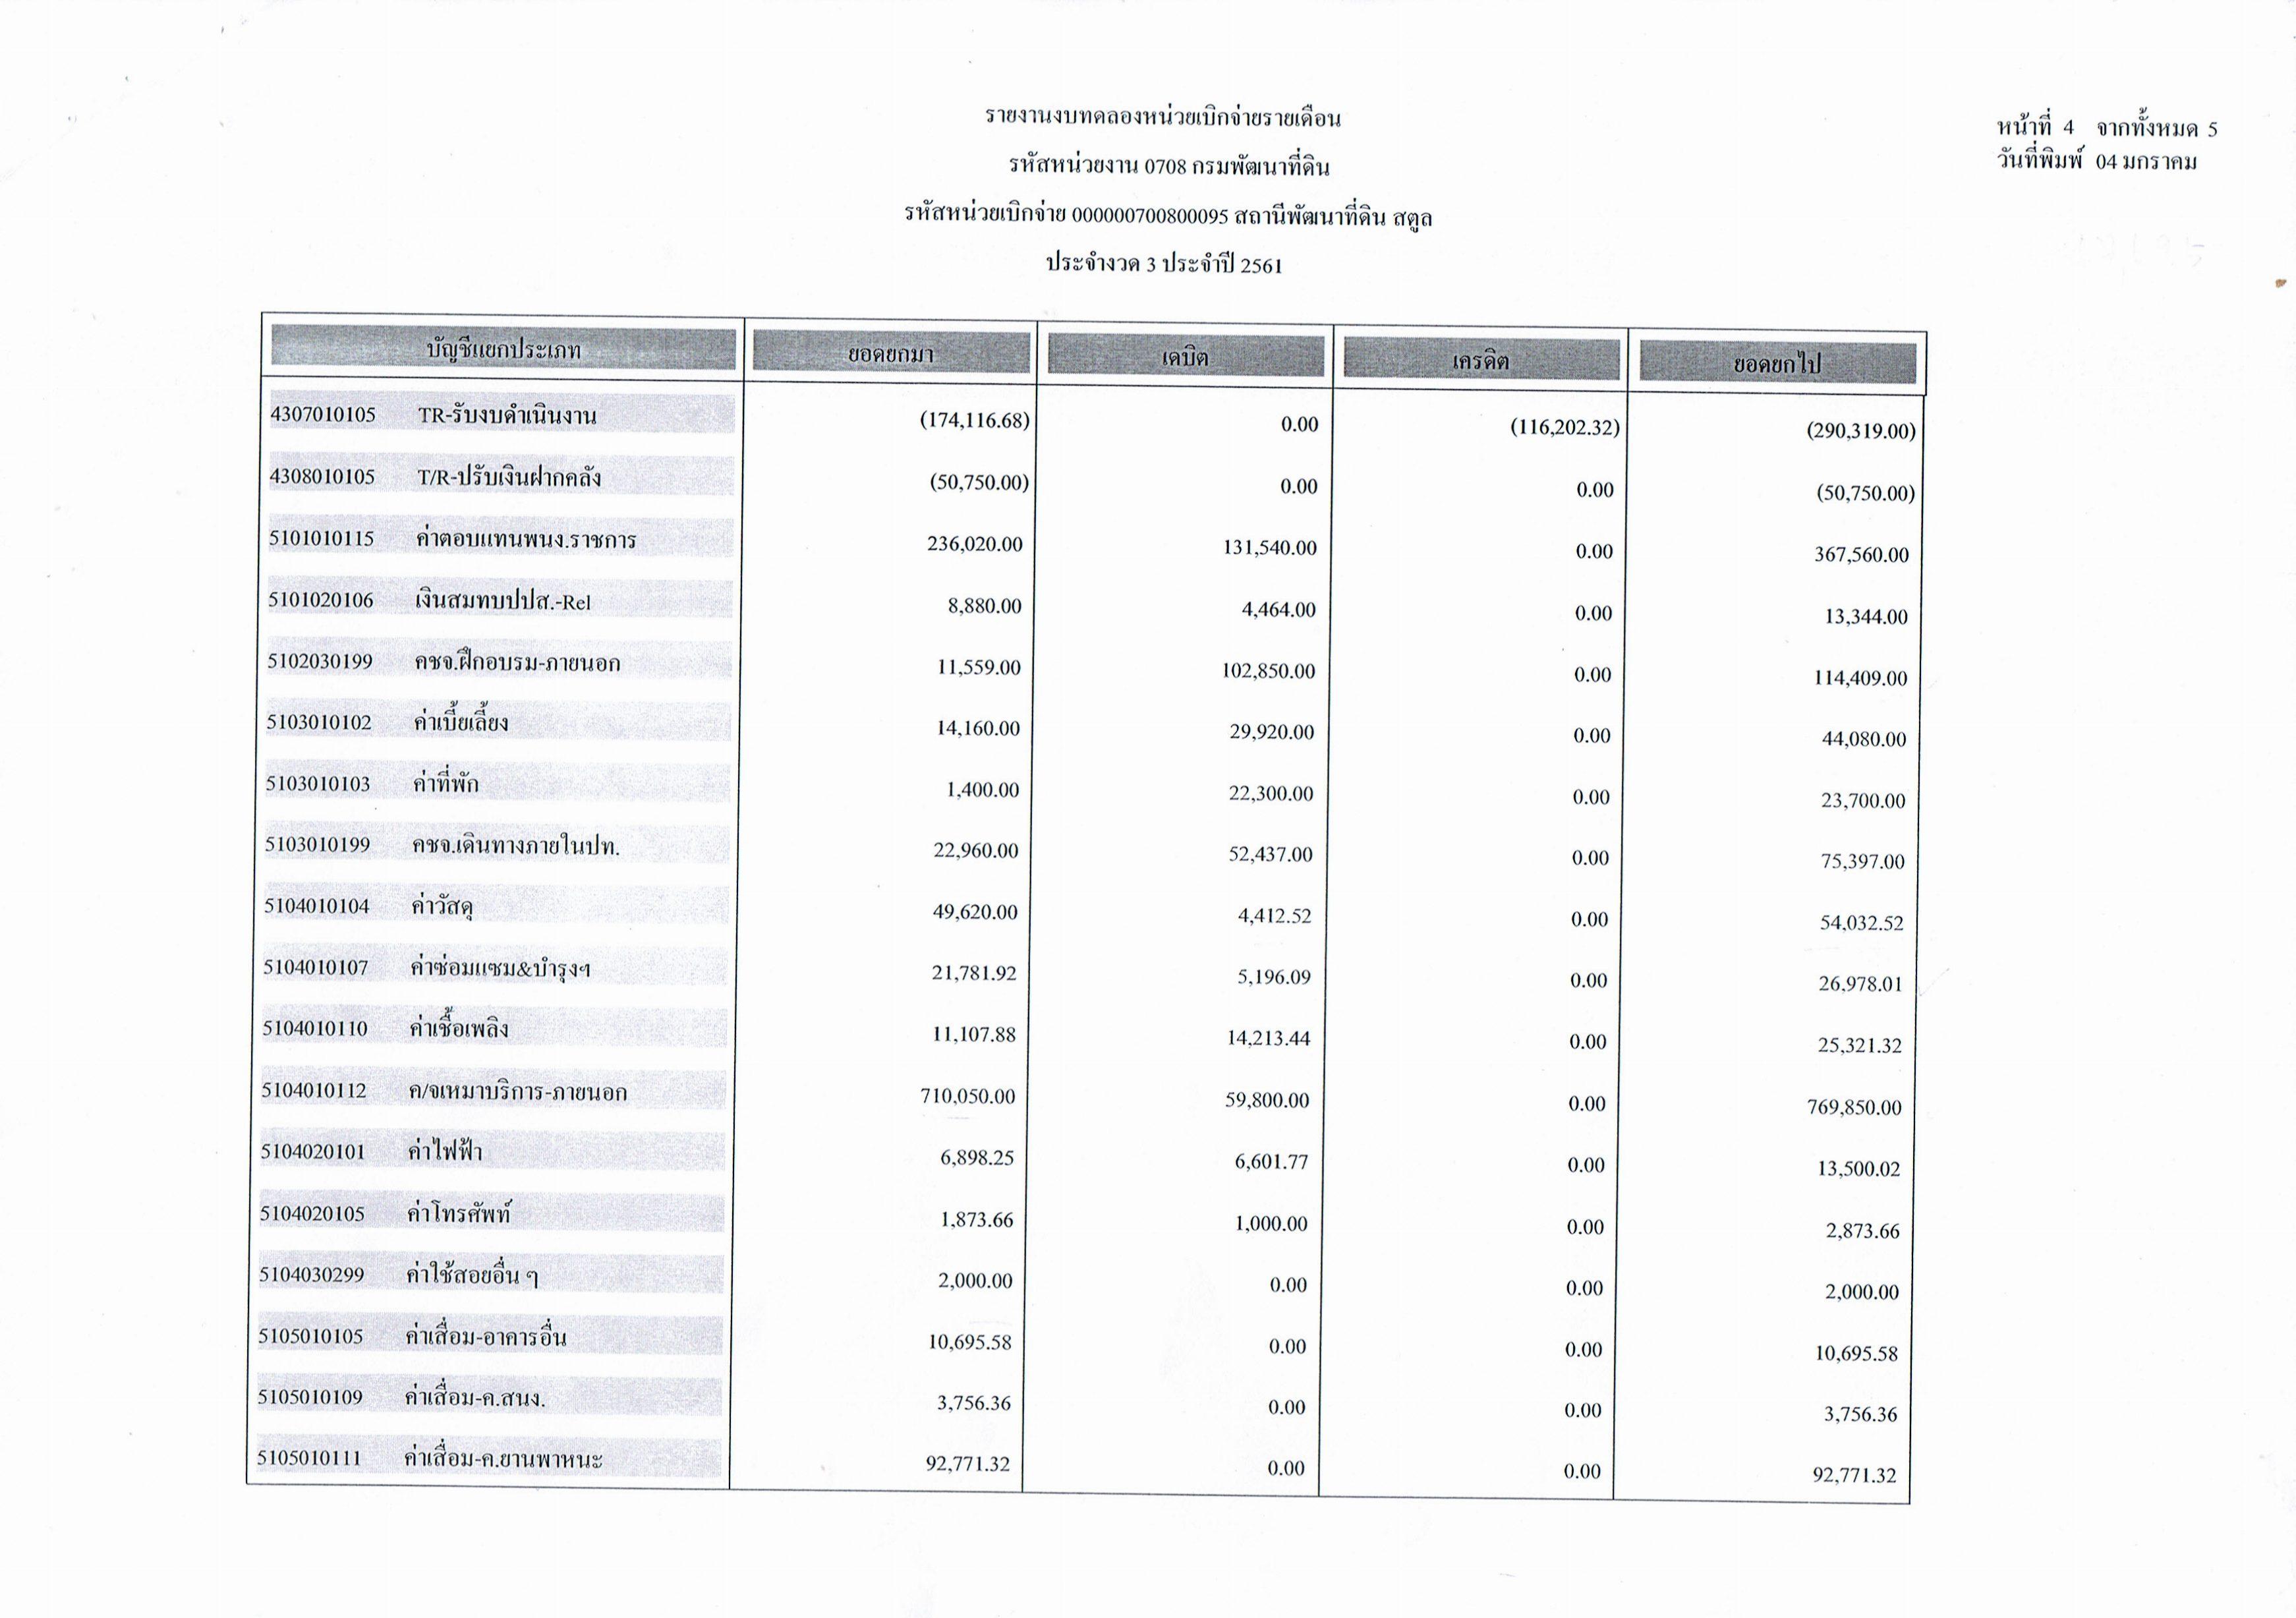 รายงานงบทดลองหน่วยเบิกจ่ายรายเดือนธันวาคม  ประจำงวด 3 ประจำปี 2561 4/5